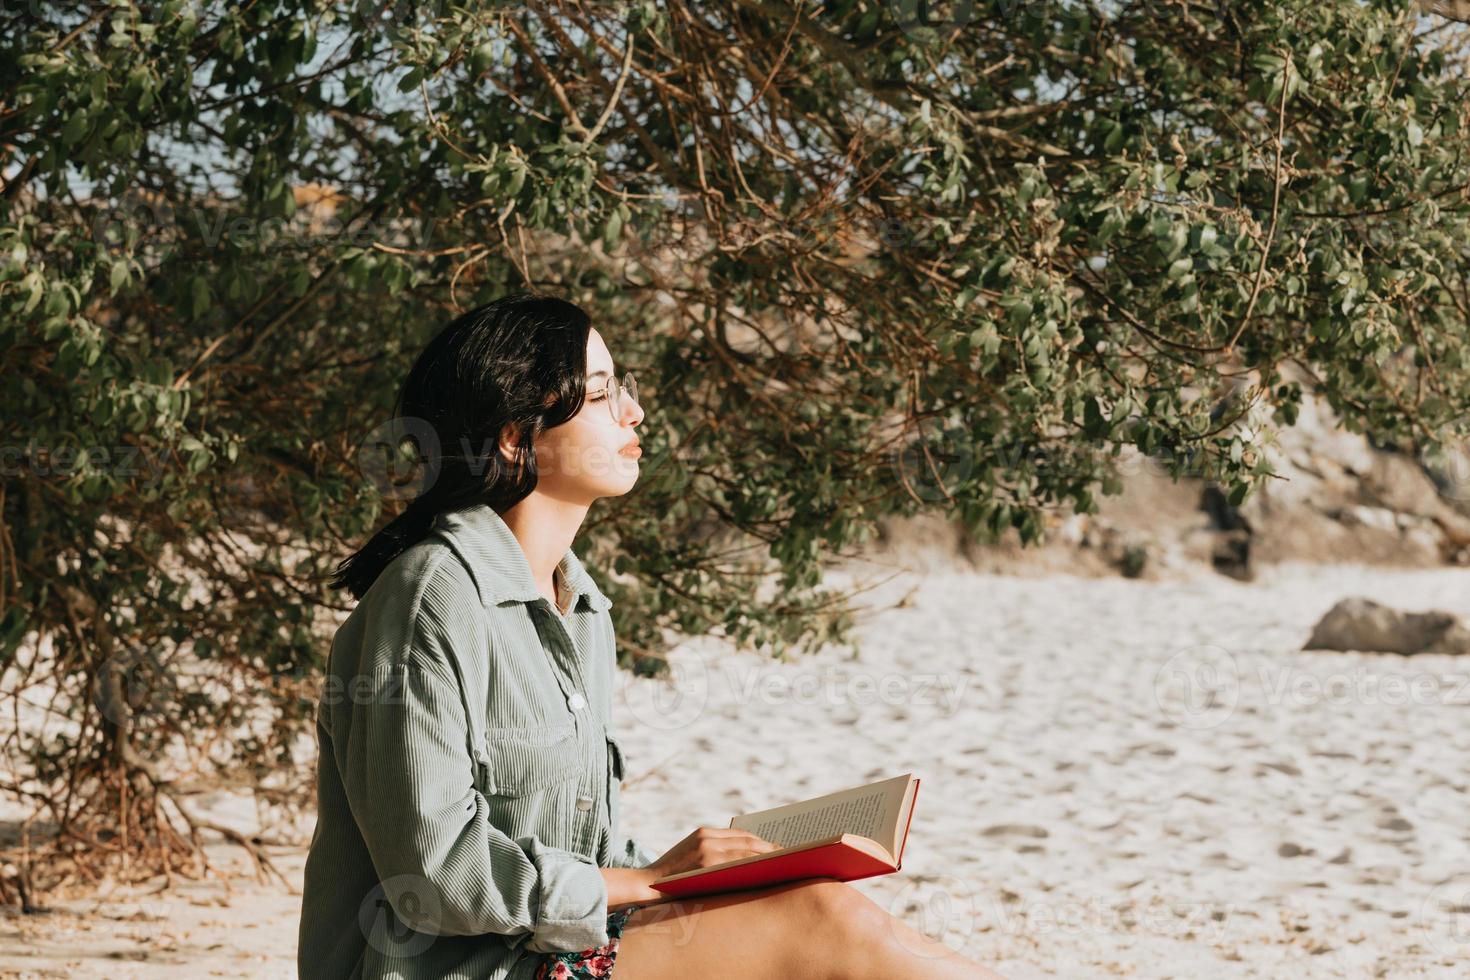 giovane donna marocchina in abiti moderni seduti sulla spiaggia leggendo un libro foto